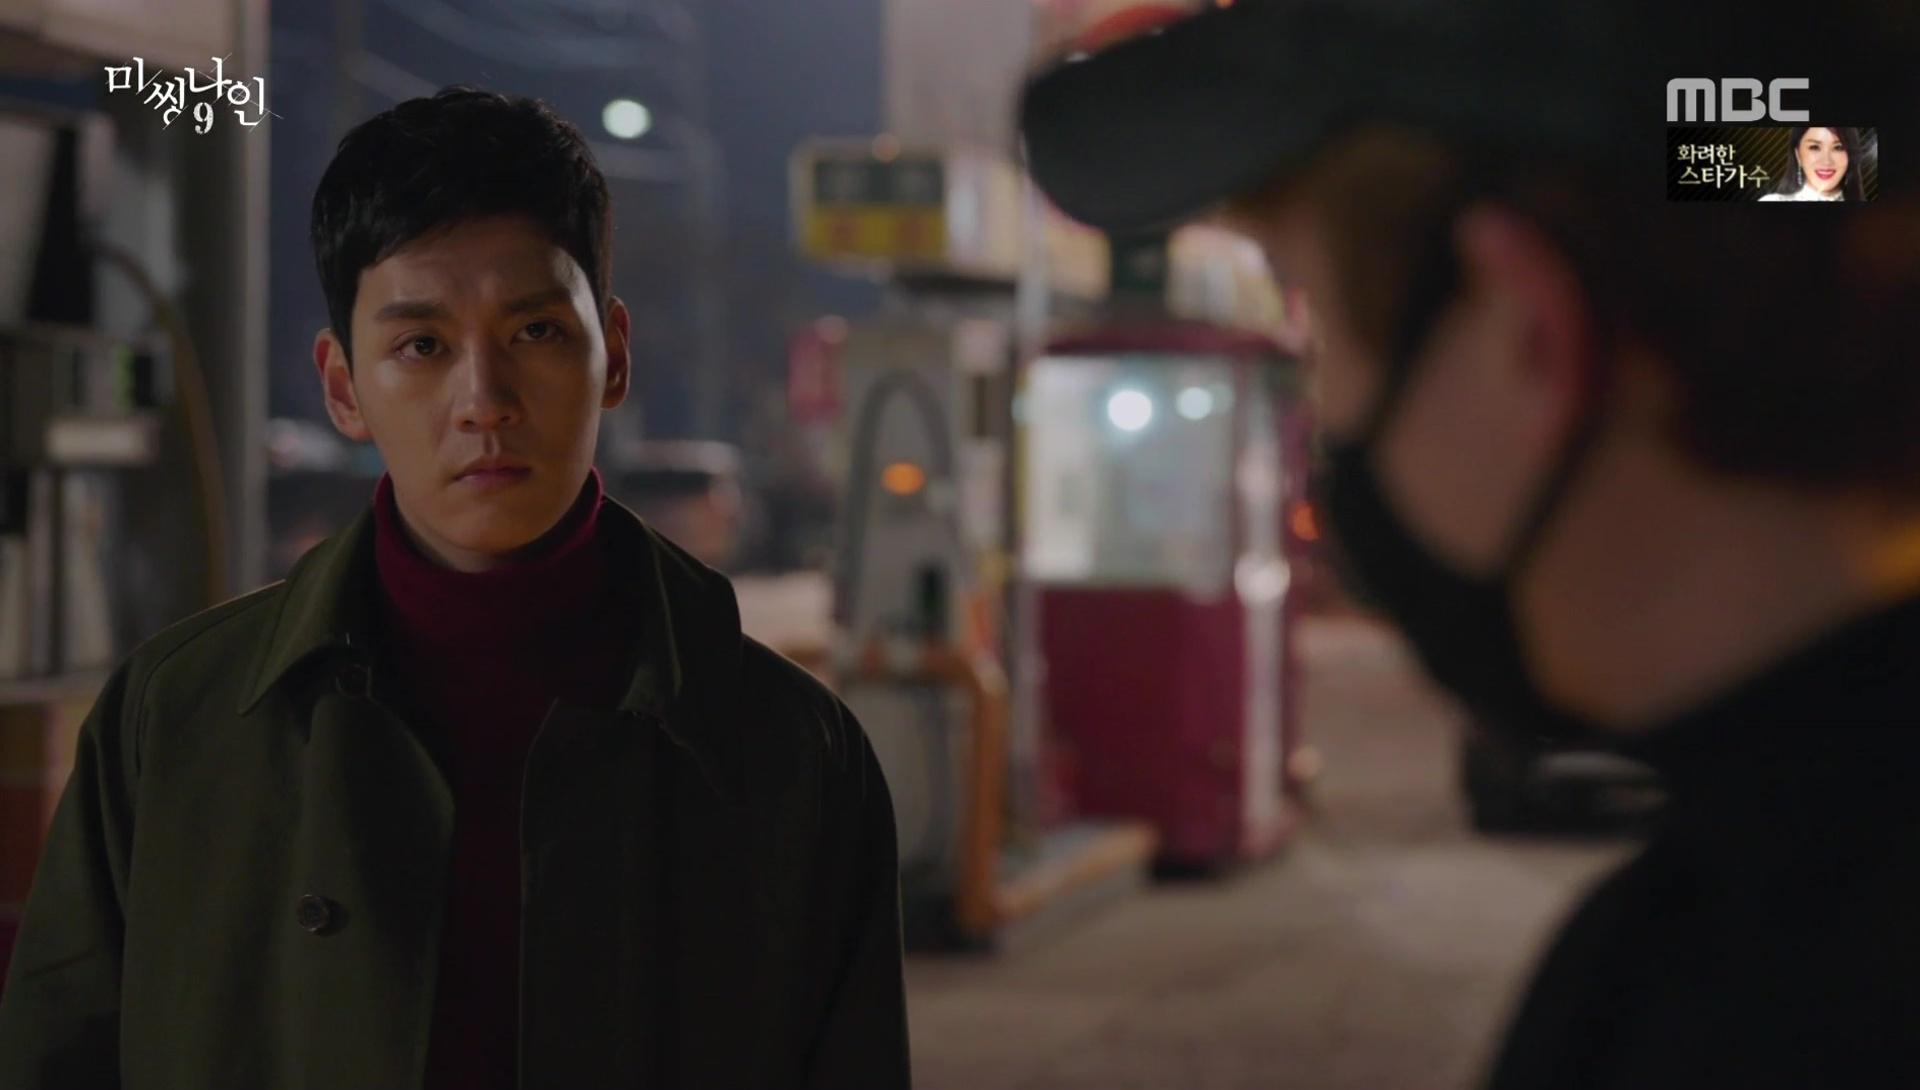 Big korean drama recap episode 13 / South indian hindi